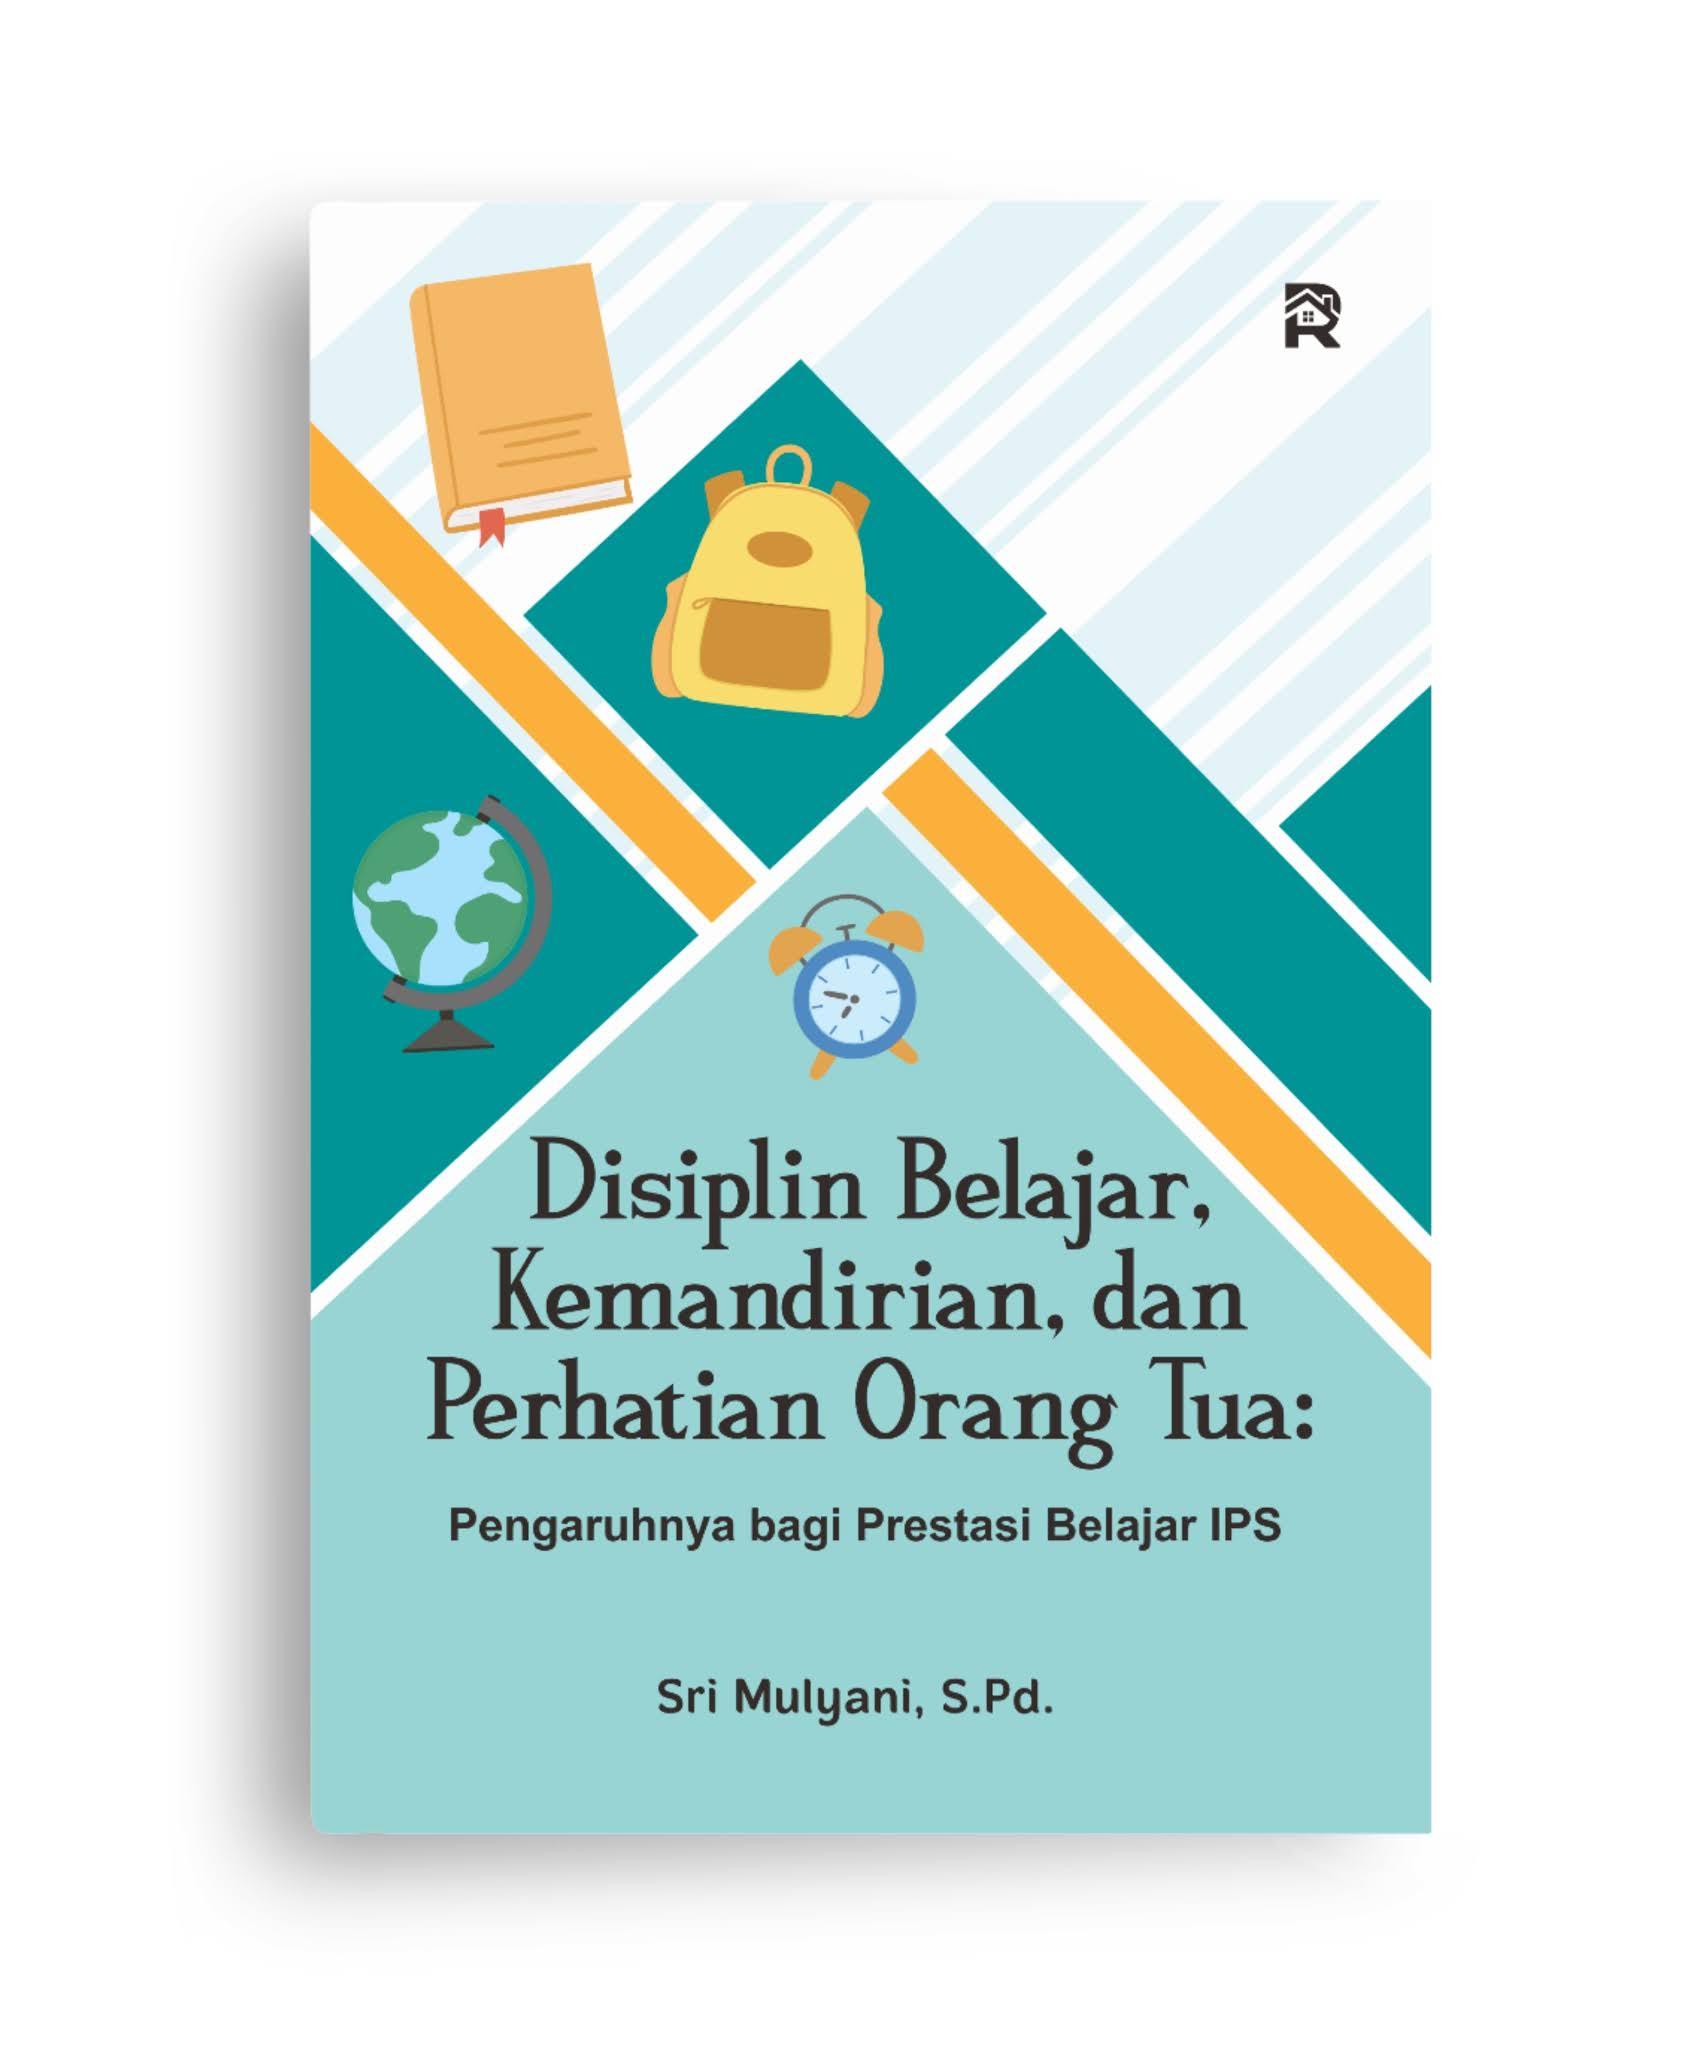 Disiplin Belajar, Kemandirian, dan Perhatian Orang Tua (Pengaruhnya bagi Prestasi Belajar IPS)